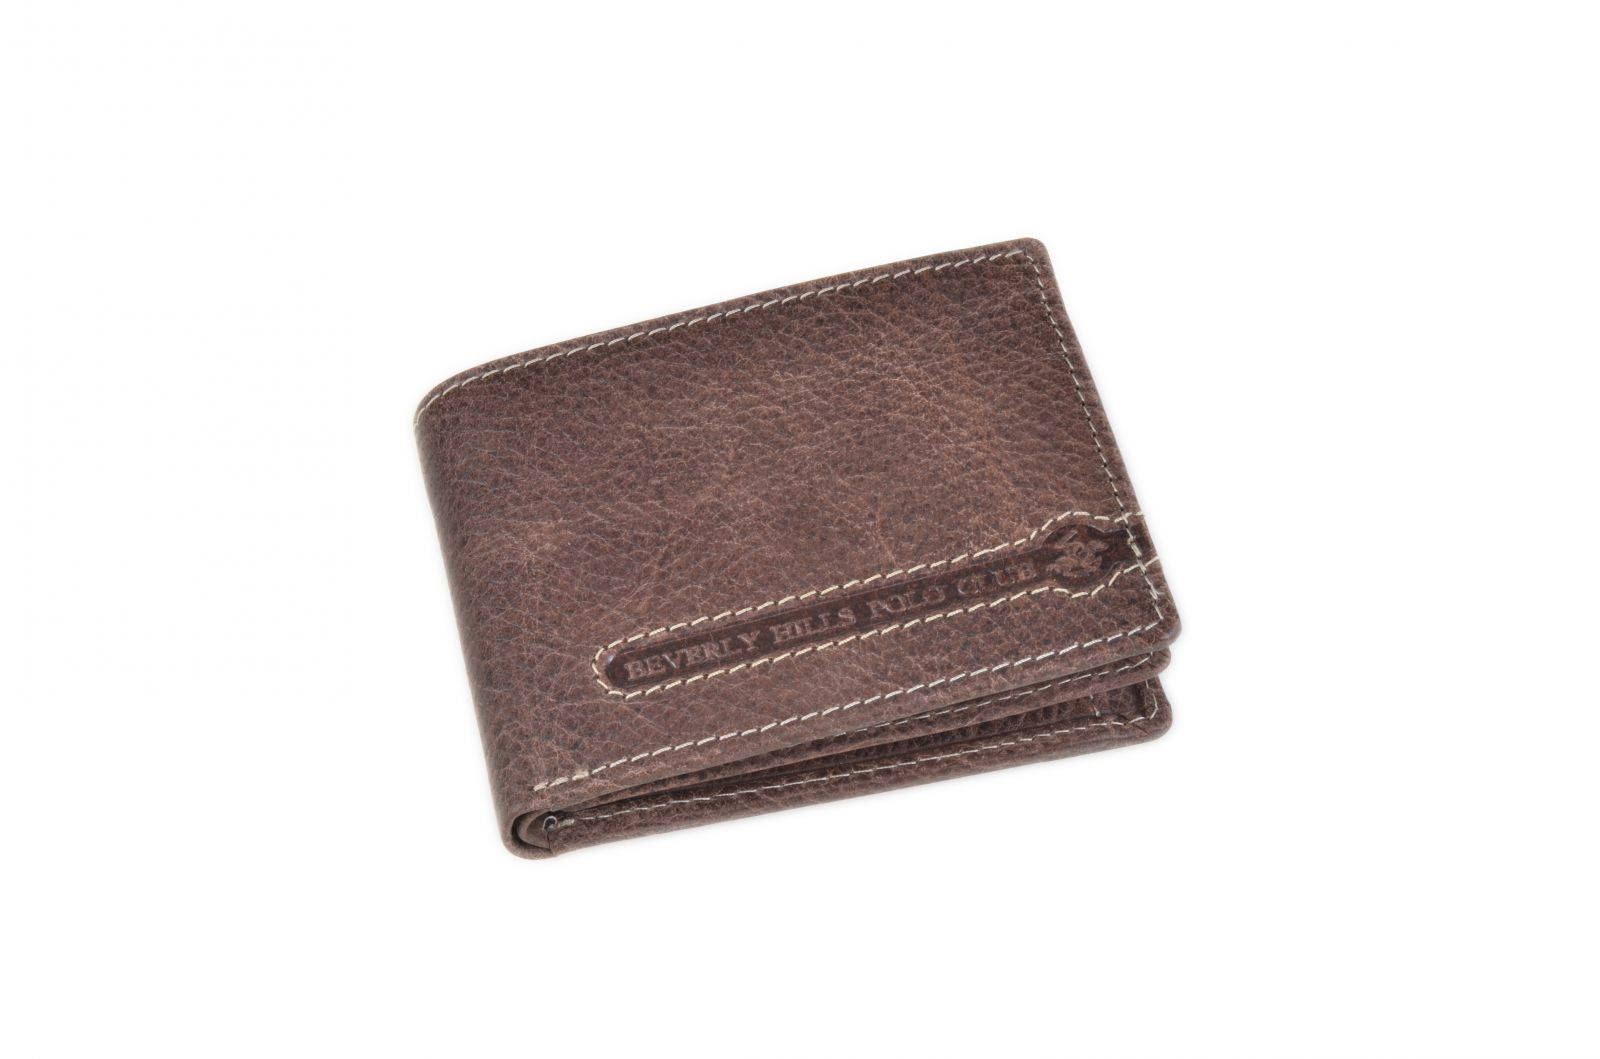 Peněženka pánská BHPC Tucson BH-395-75 tabáková v krabičce